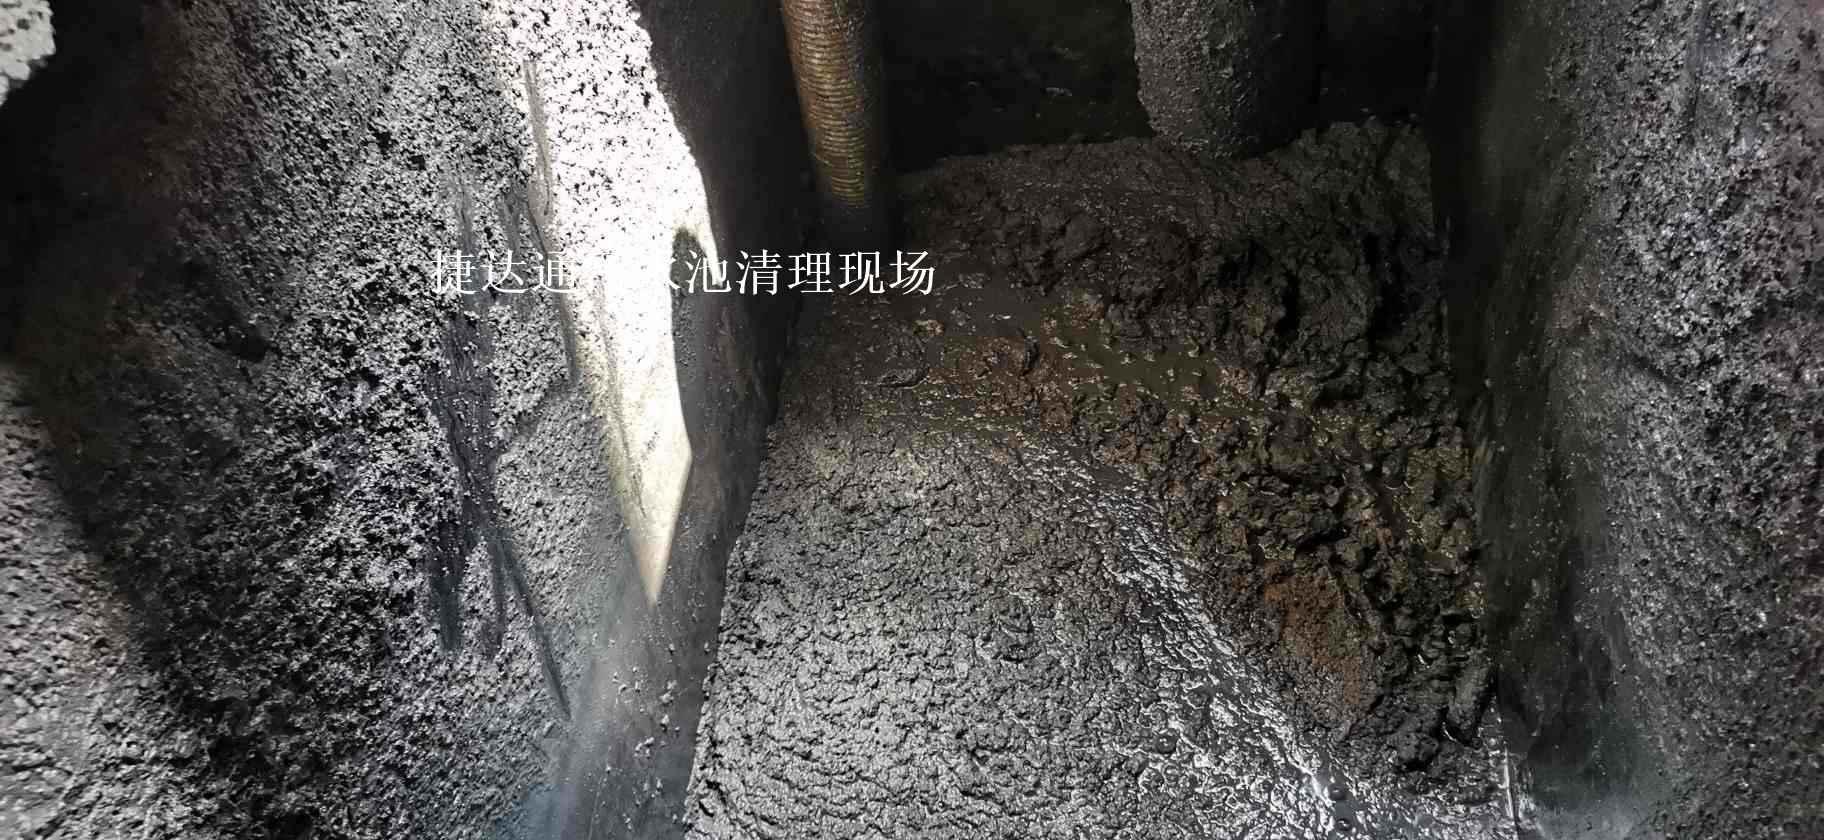 就公司@淮安市洪泽县沉砂池清理清算公司